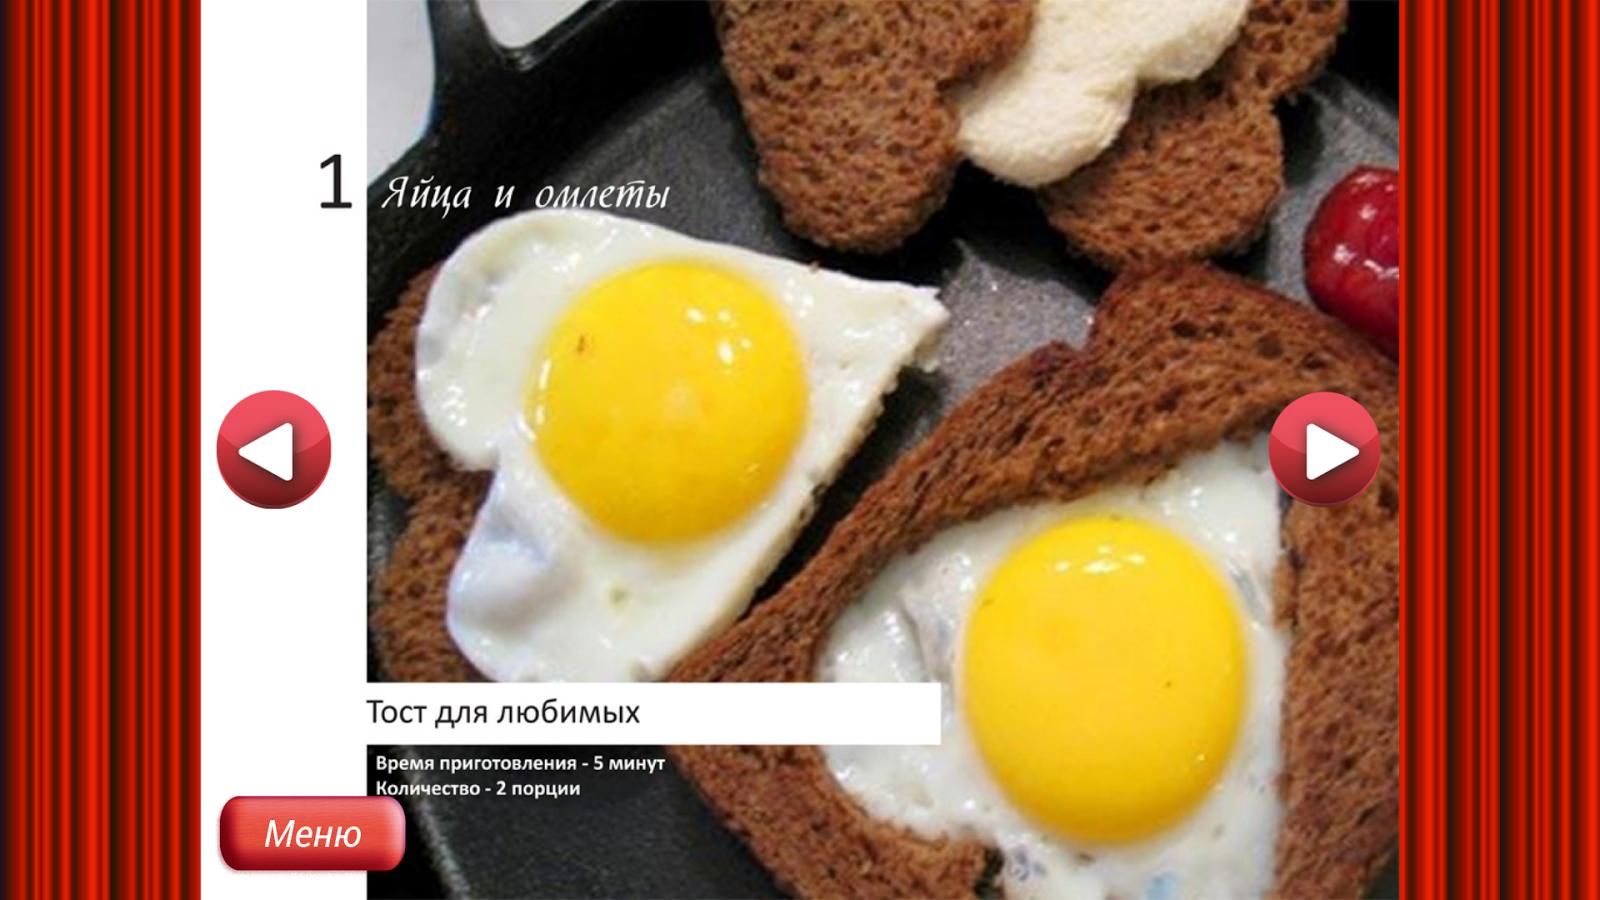 Котлеты из щуки с салом рецепт с фото пошагово отзывы